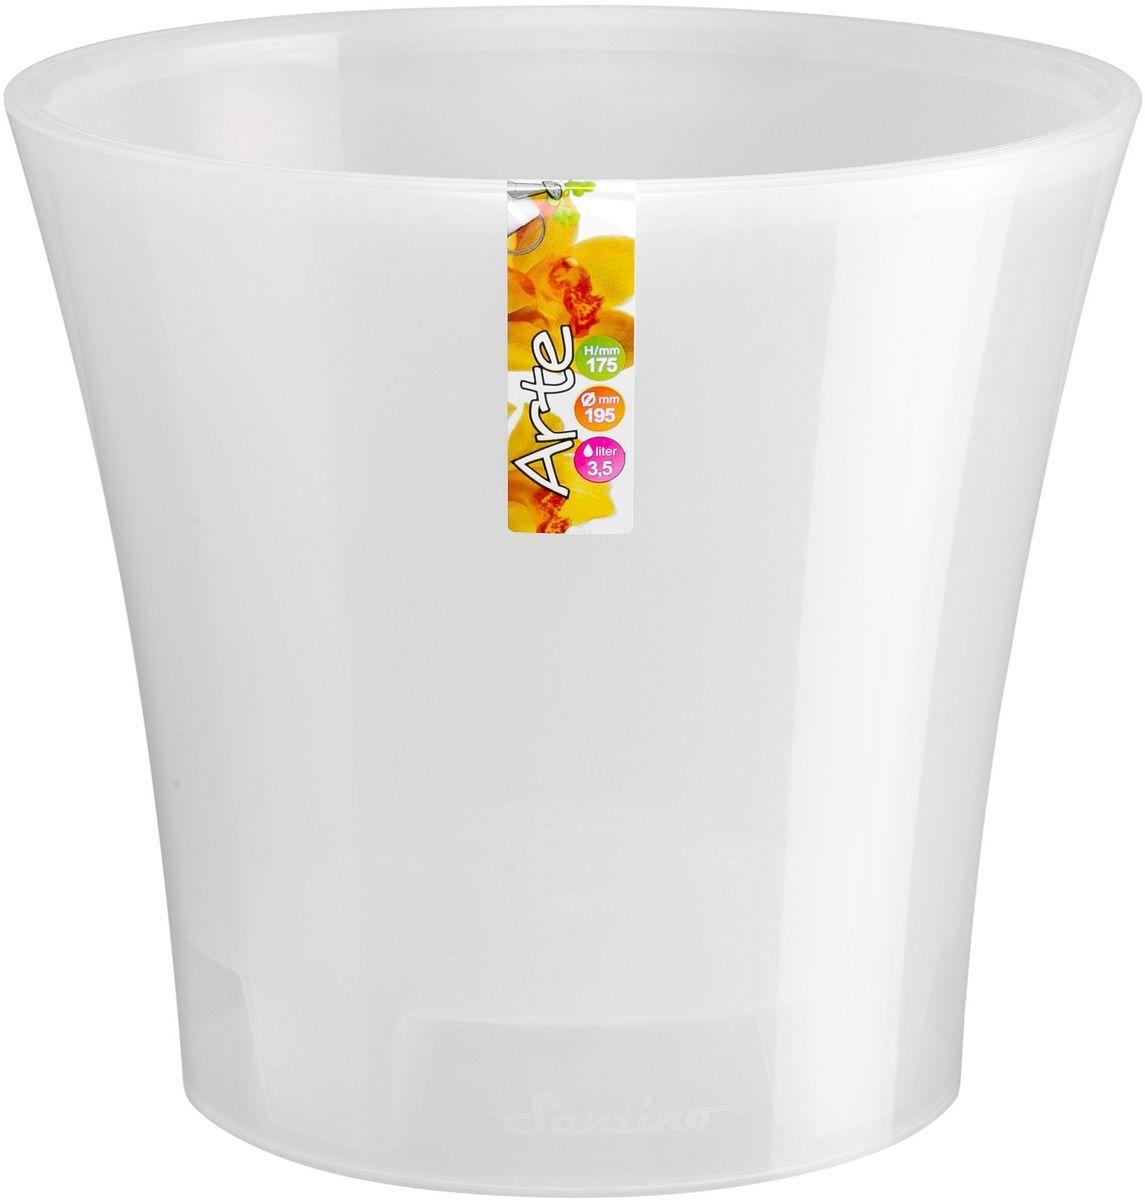 Горшок цветочный Santino Арте, двойной, с системой автополива, цвет: прозрачный, 1,2 л531-401Горшок цветочный Santino Арте снабжен дренажной системой и состоит из кашпо и вазона-вкладыша. Изготовлен из пластика. Особенность: тарелочка или блюдце не нужны. Горшок предназначен для любых растений или цветов. Цветочный дренаж – это система, которая позволяет выводить лишнюю влагу через корневую систему цветка и слой почвы. Растение – это живой организм, следовательно, ему необходимо дышать. В доступе к кислороду нуждаются все части растения: -листья; -корневая система. Если цветовод по какой-либо причине зальет цветок водой, то она буквально вытеснит из почвенного слоя все пузырьки кислорода. Анаэробная среда способствует развитию различного рода бактерий. Безвоздушная среда приводит к загниванию корневой системы, цветок в результате увядает. Суть работы дренажной системы заключается в том, чтобы осуществлять отвод лишней влаги от растения и давать возможность корневой системе дышать без проблем. Следовательно, каждому цветку необходимо: -иметь в основании цветочного горшочка хотя бы одно небольшое дренажное отверстие. Оно необходимо для того, чтобы через него выходила лишняя вода, плюс ко всему это отверстие дает возможность циркулировать воздух. -на самом дне горшка необходимо выложить слоем в 2-5 см (зависит от вида растения) дренаж.УВАЖАЕМЫЕ КЛИЕНТЫ!Обращаем ваше внимание на тот факт, что фото изделия служит для визуального восприятия товара. Литраж и размеры, представленные на этикетке товара, могут по факту отличаться от реальных. Корректные данные в поле Размеры.